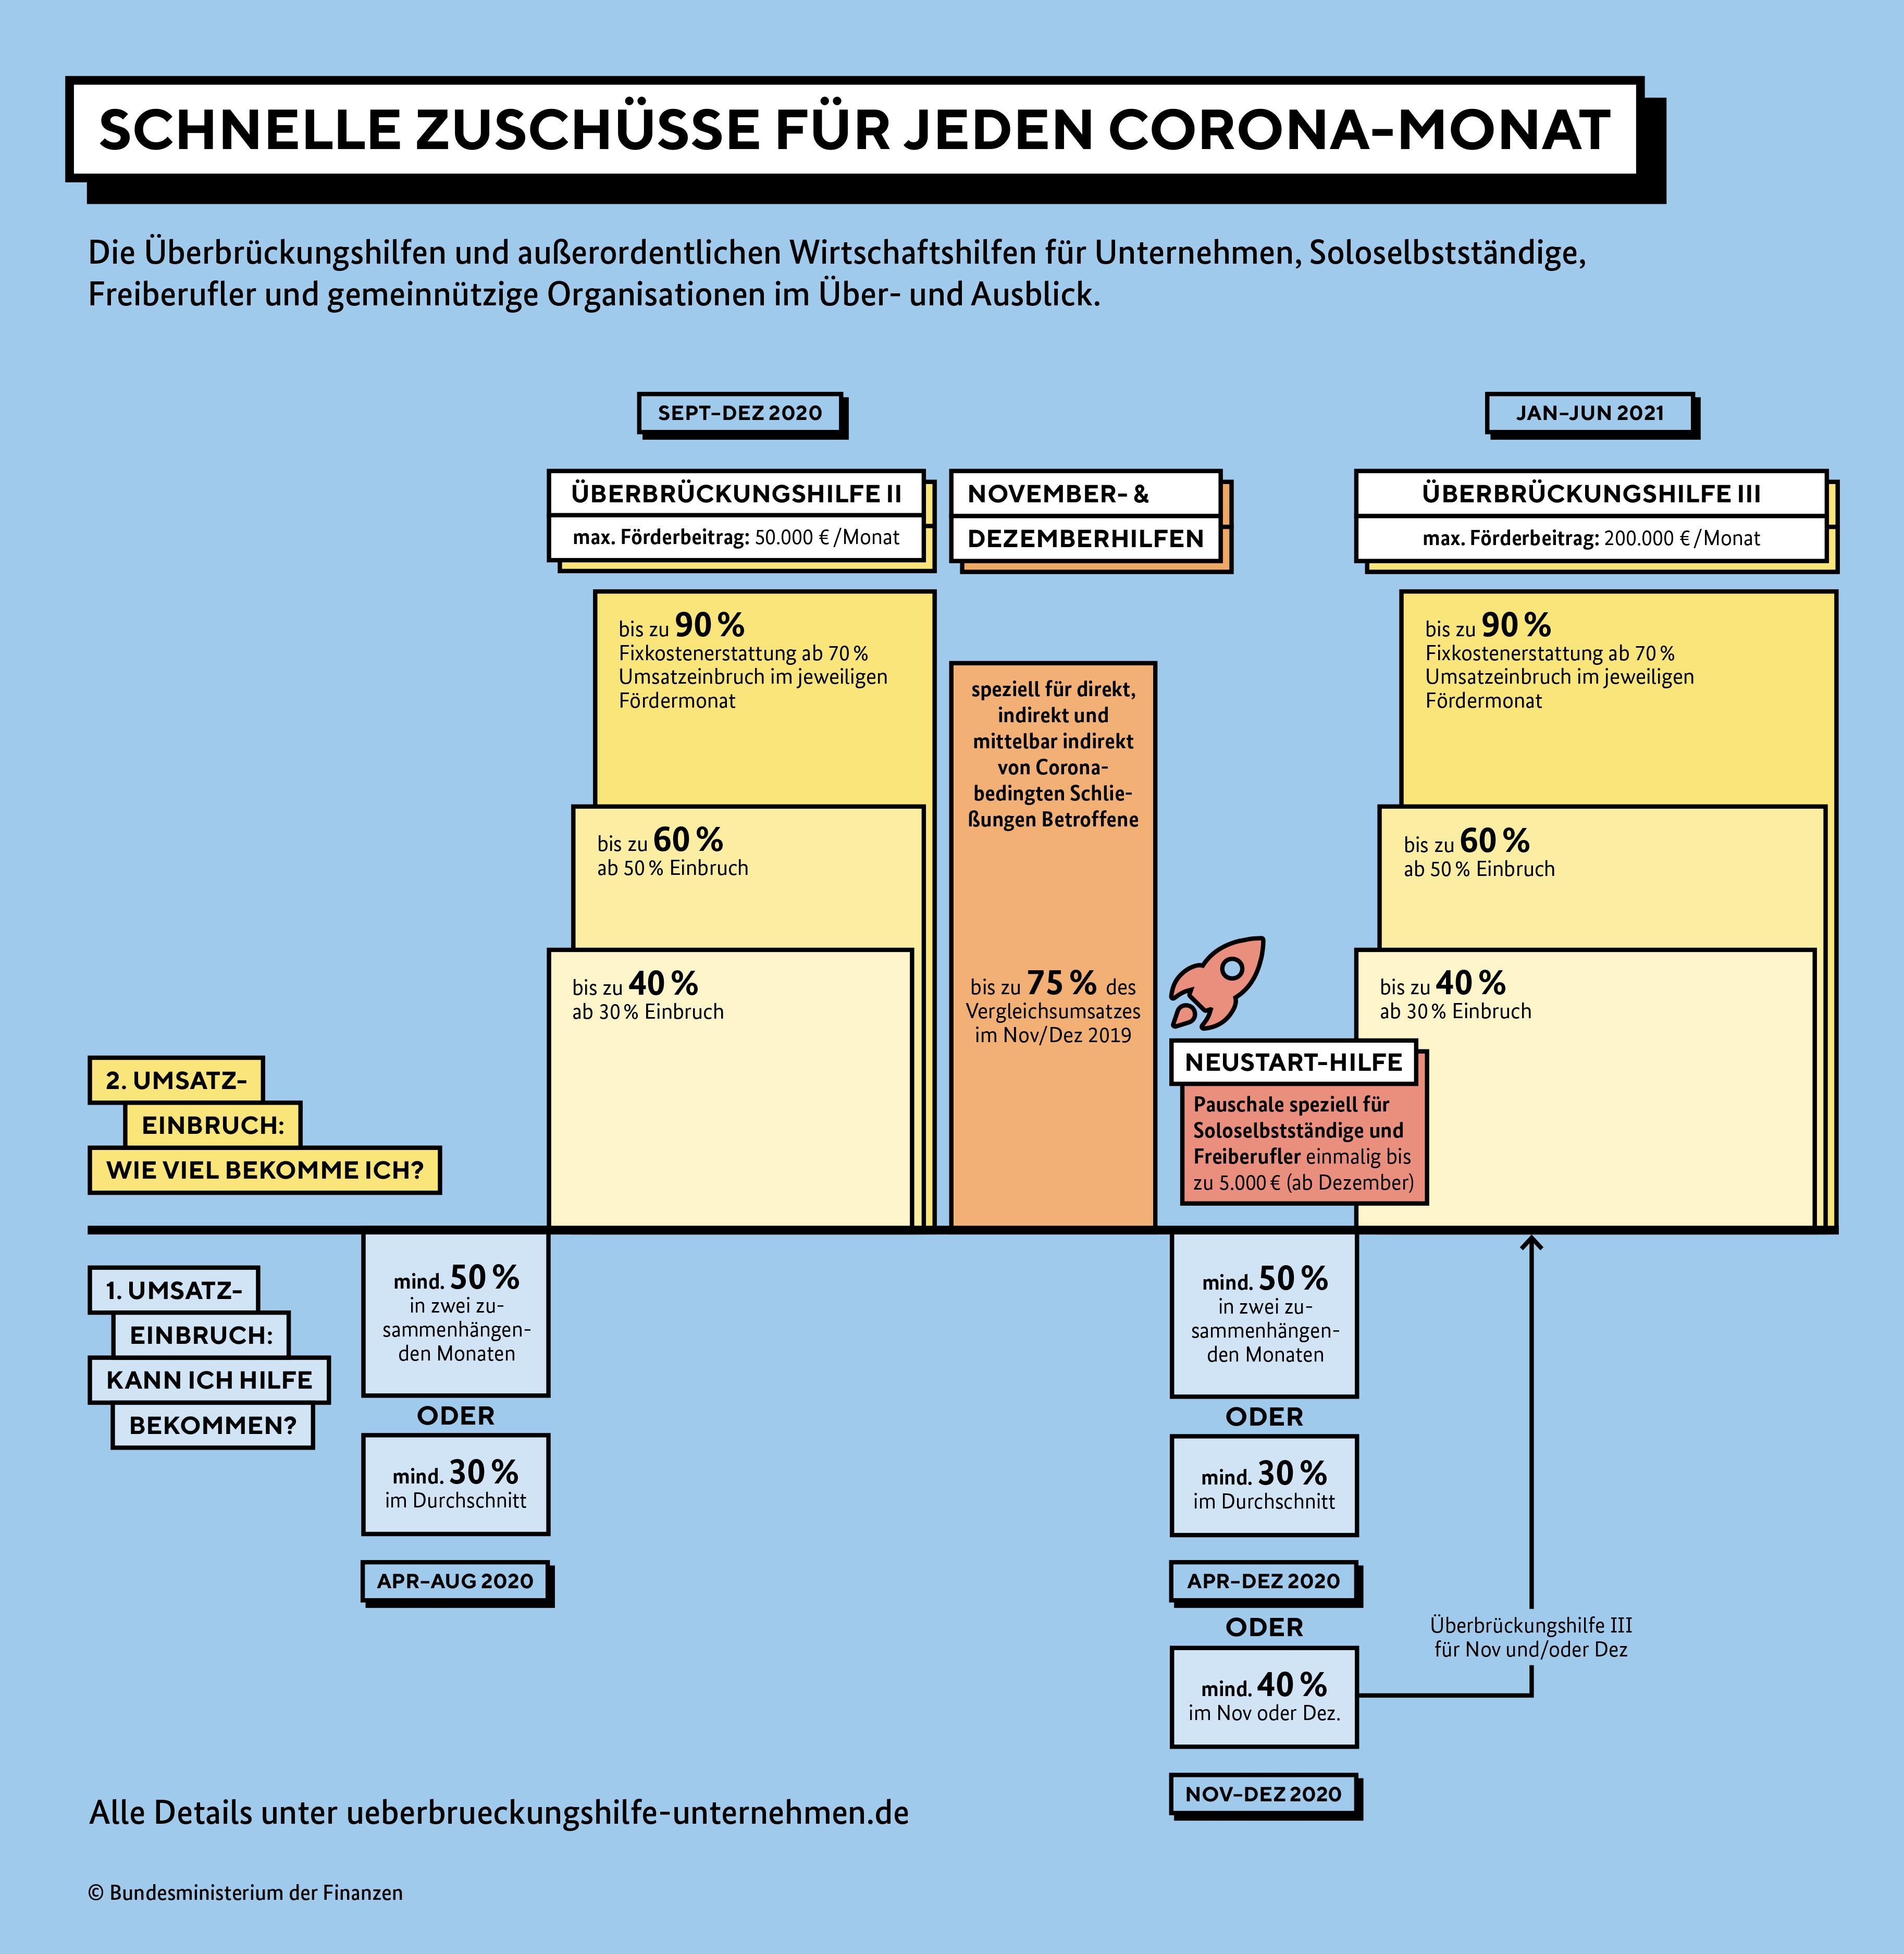 Infografik: Schnelle Zuschüsse für jeden Corona-Monat